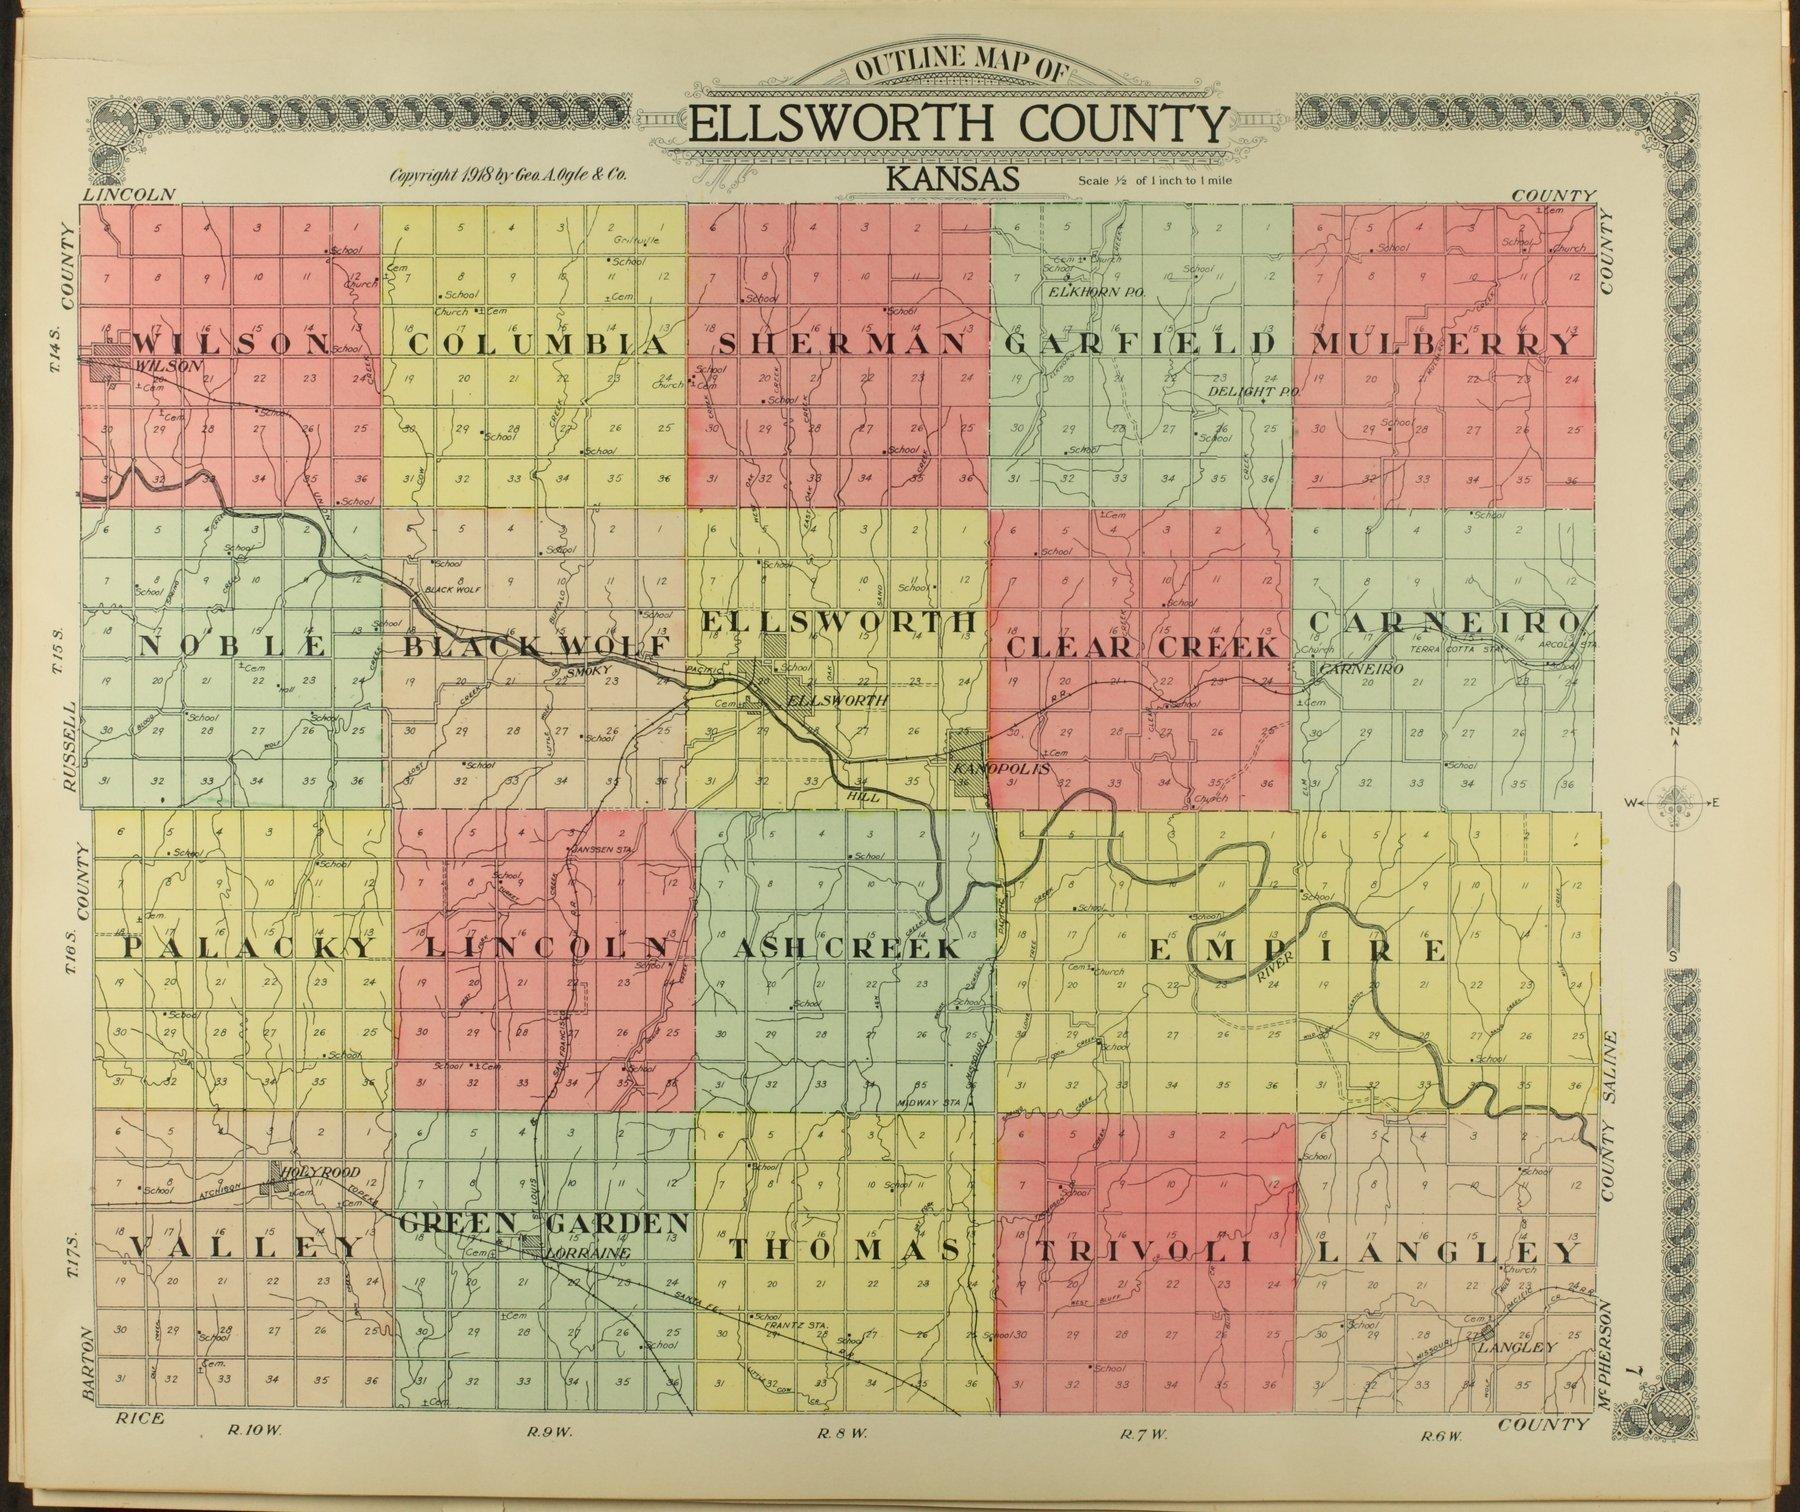 Standard atlas of Ellsworth County, Kansas - 7